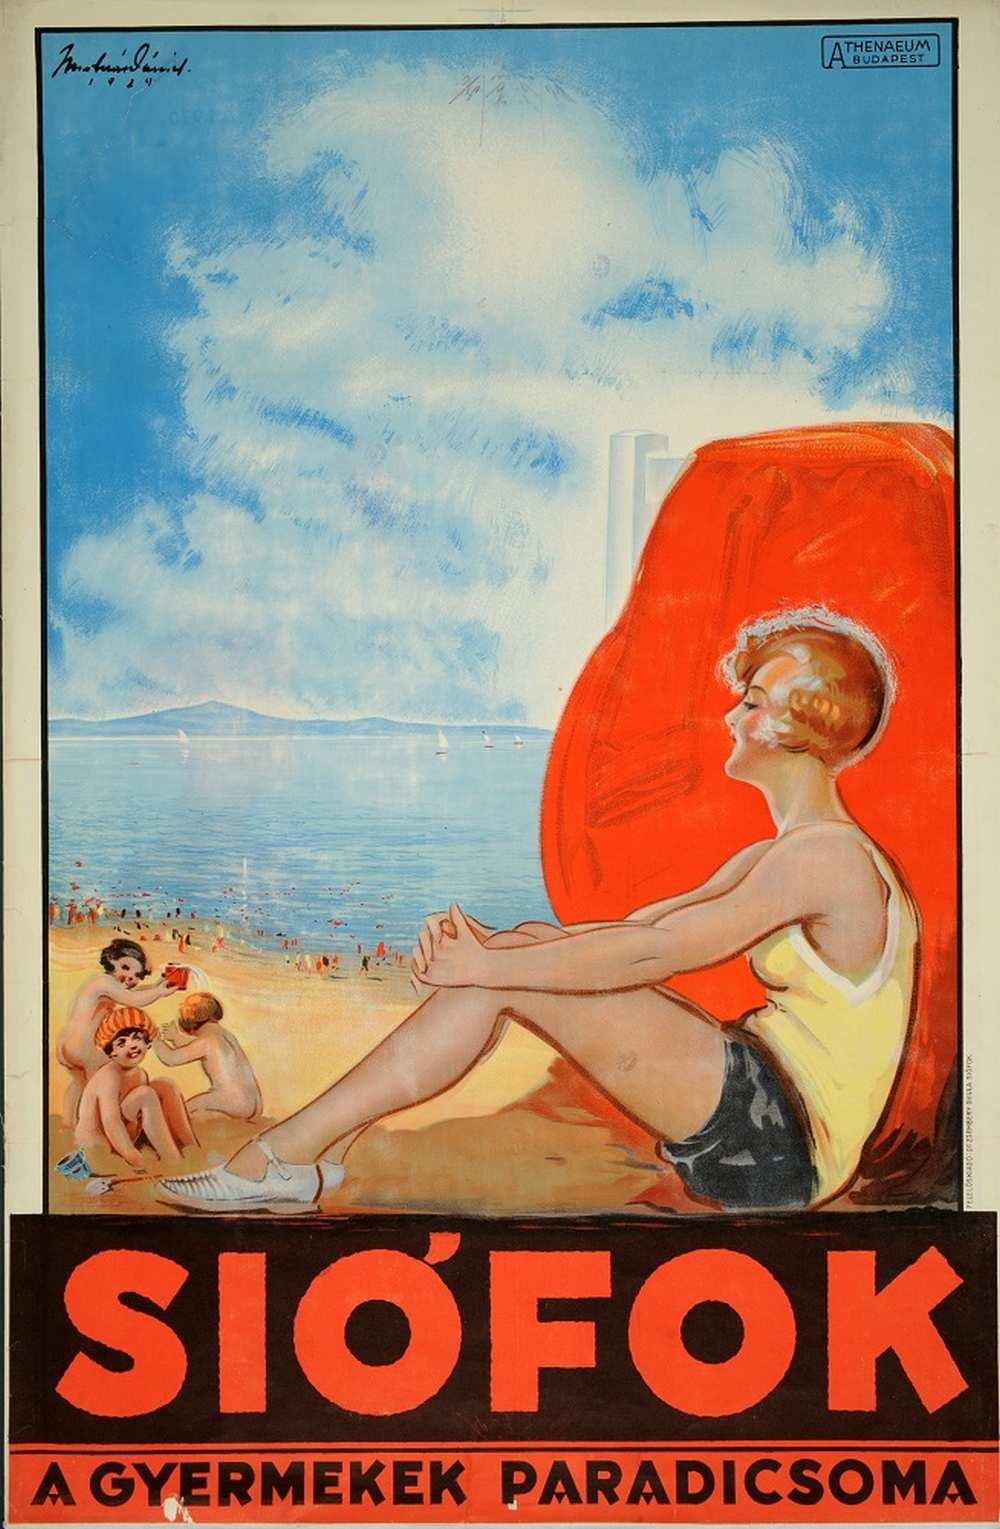 Molnár Dániel: Siófok a gyermekek paradicsoma (1929). Jelzet: PKG.1929/200 – Térkép-, Plakát- és Kisnyomtatványtár http://nektar.oszk.hu/hu/manifestation/2788818